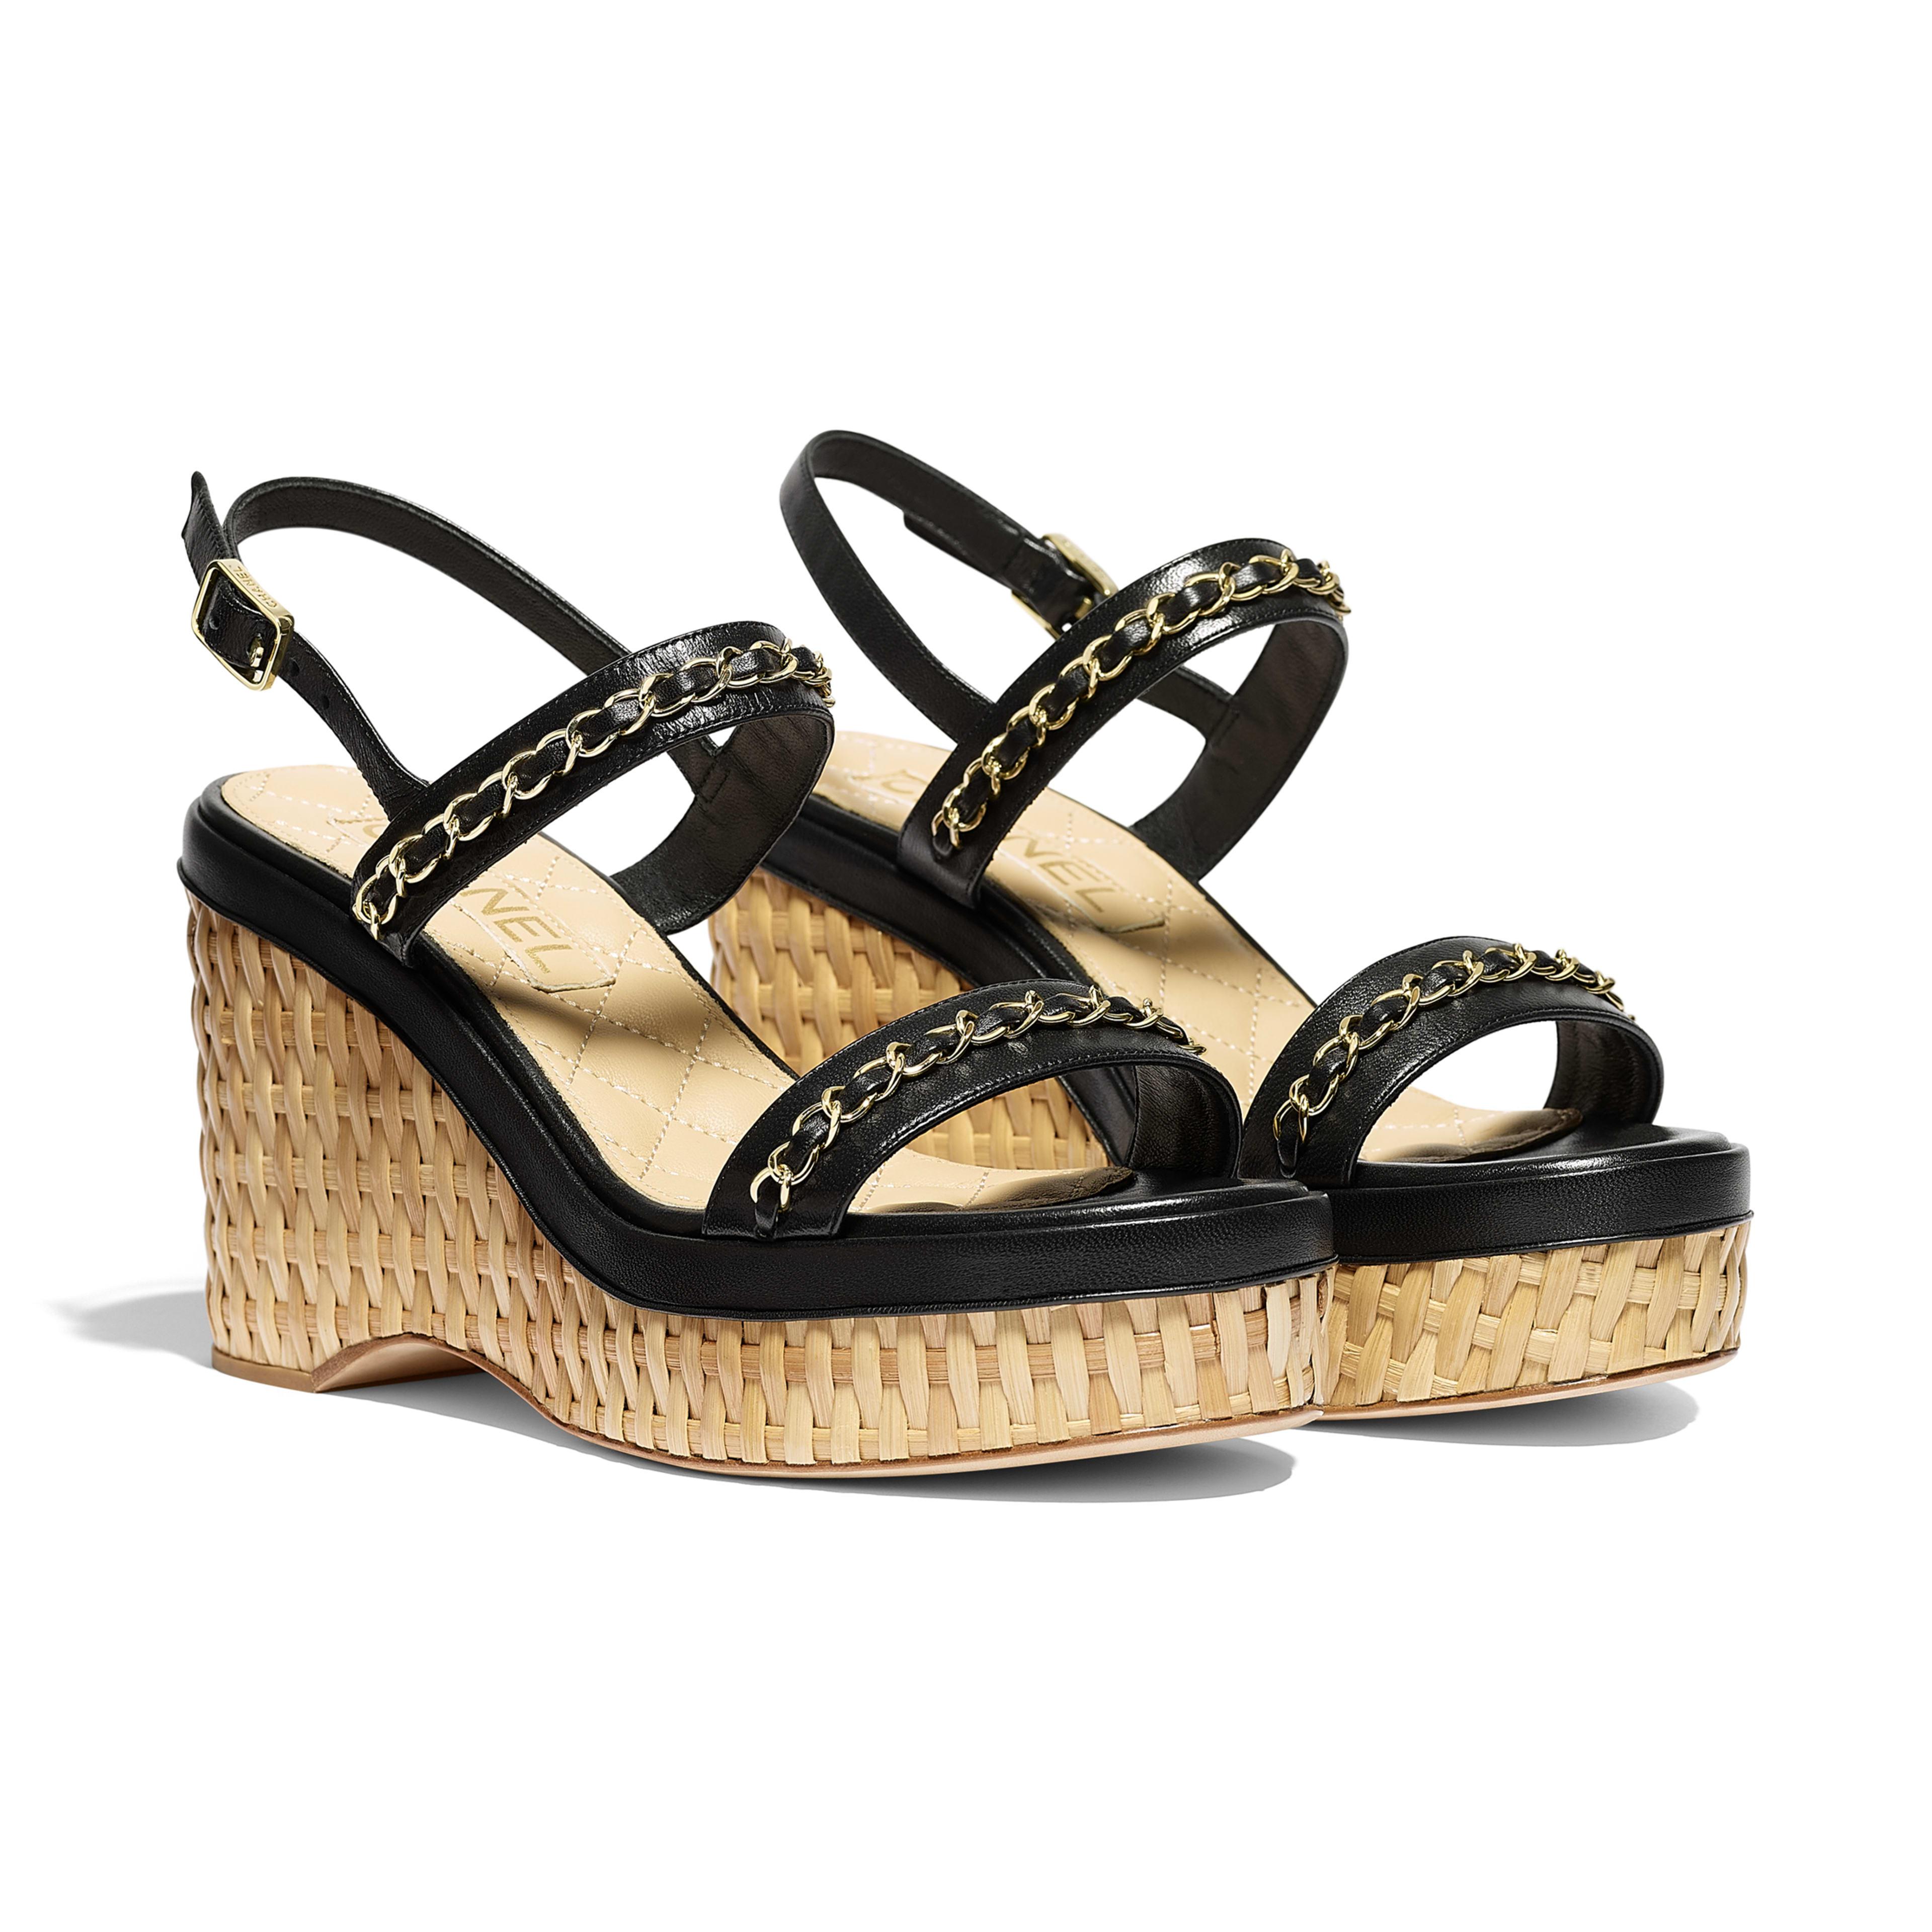 รองเท้าแซนดัลมีสายรัดส้น - สีดำ - หนังแกะ - มุมมองทางอื่น - ดูเวอร์ชันขนาดเต็ม